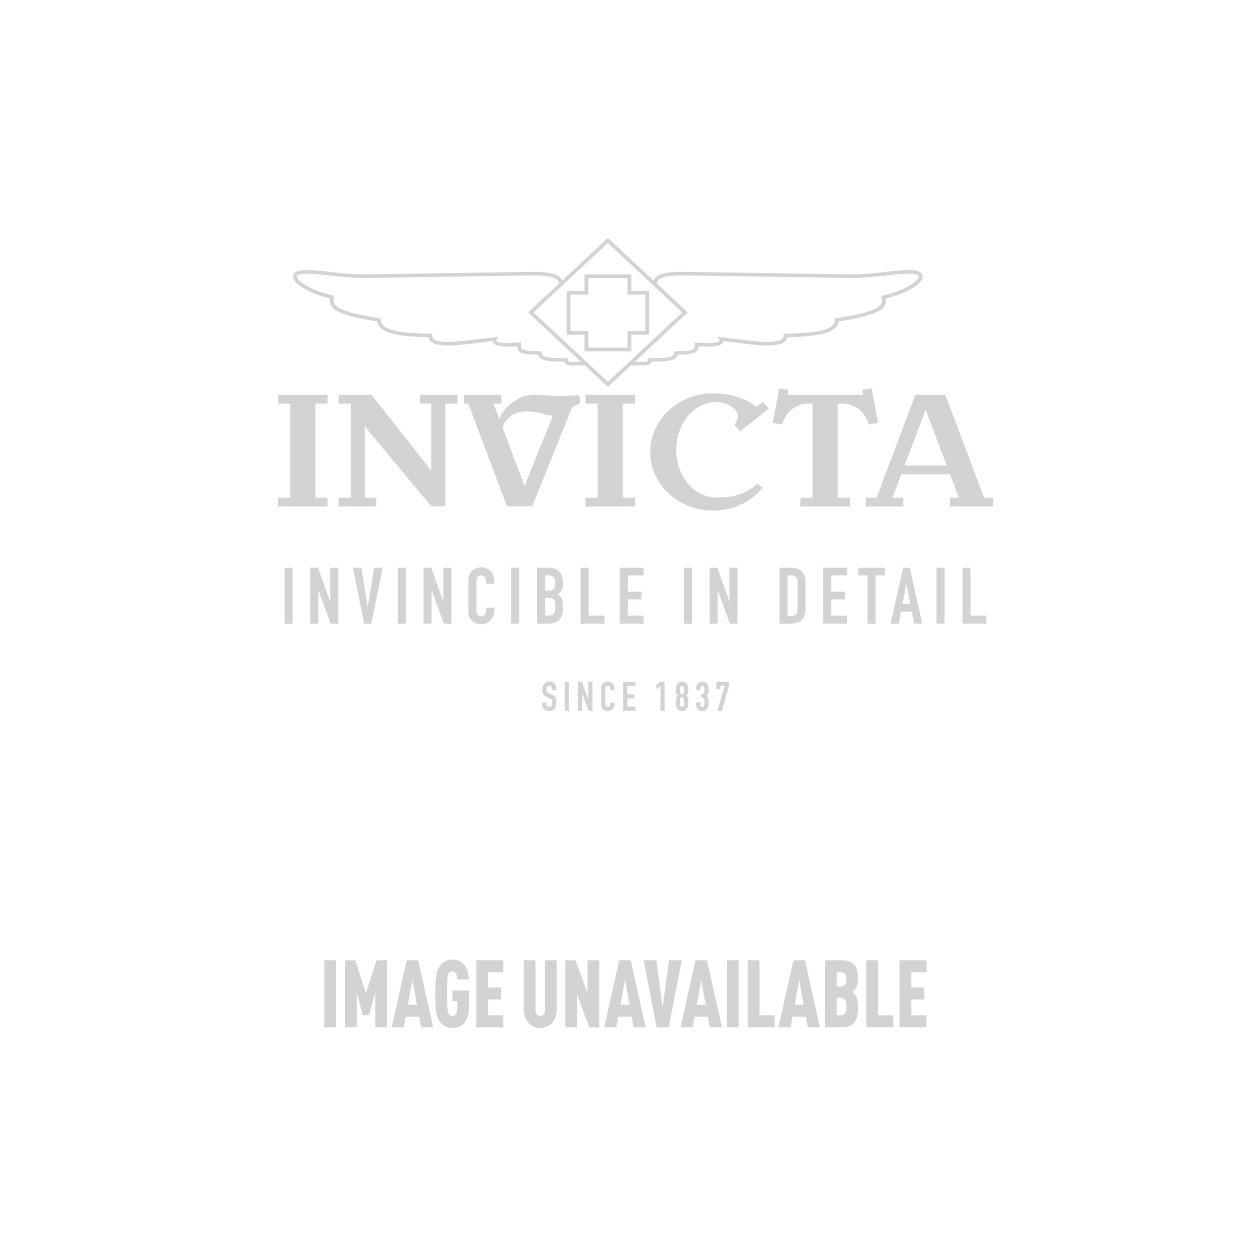 Invicta Model  25805